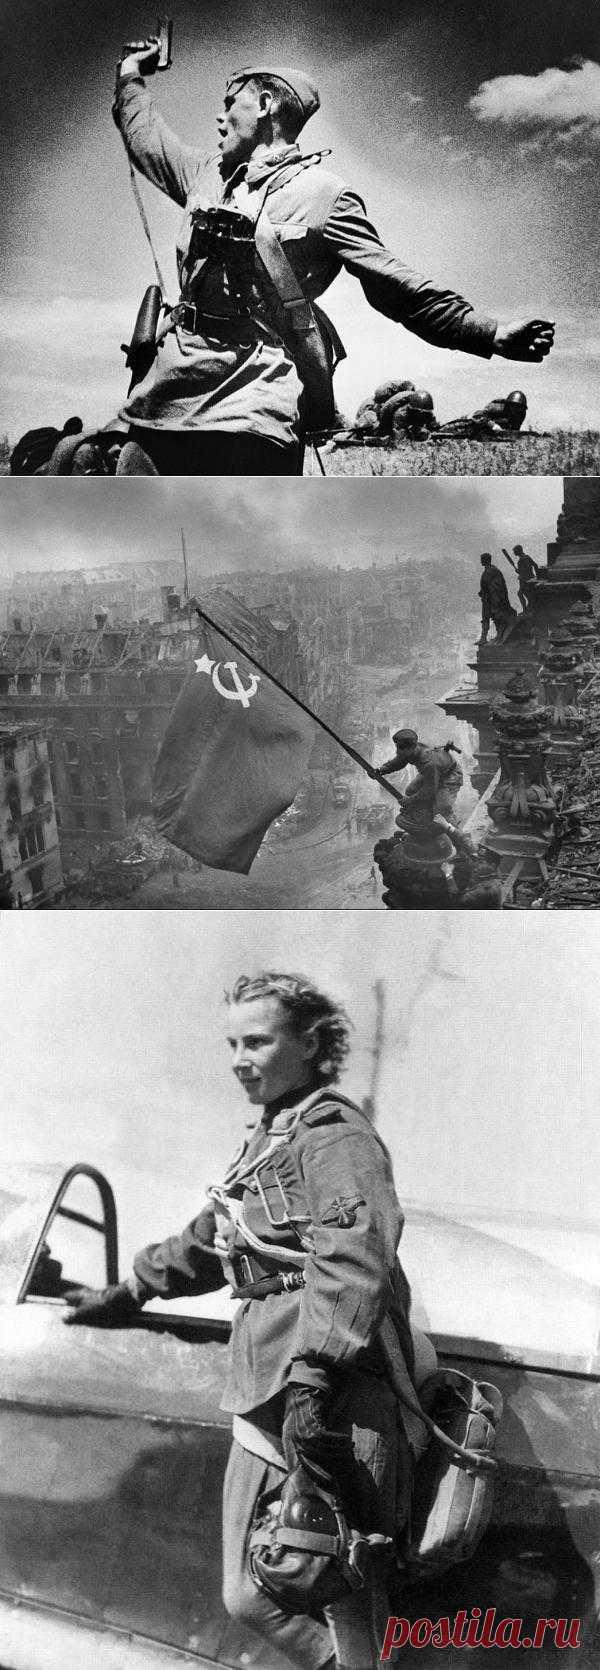 35 знаменитых снимков Великой Отечественной Войны | Kликaбoл - всё самое интересное